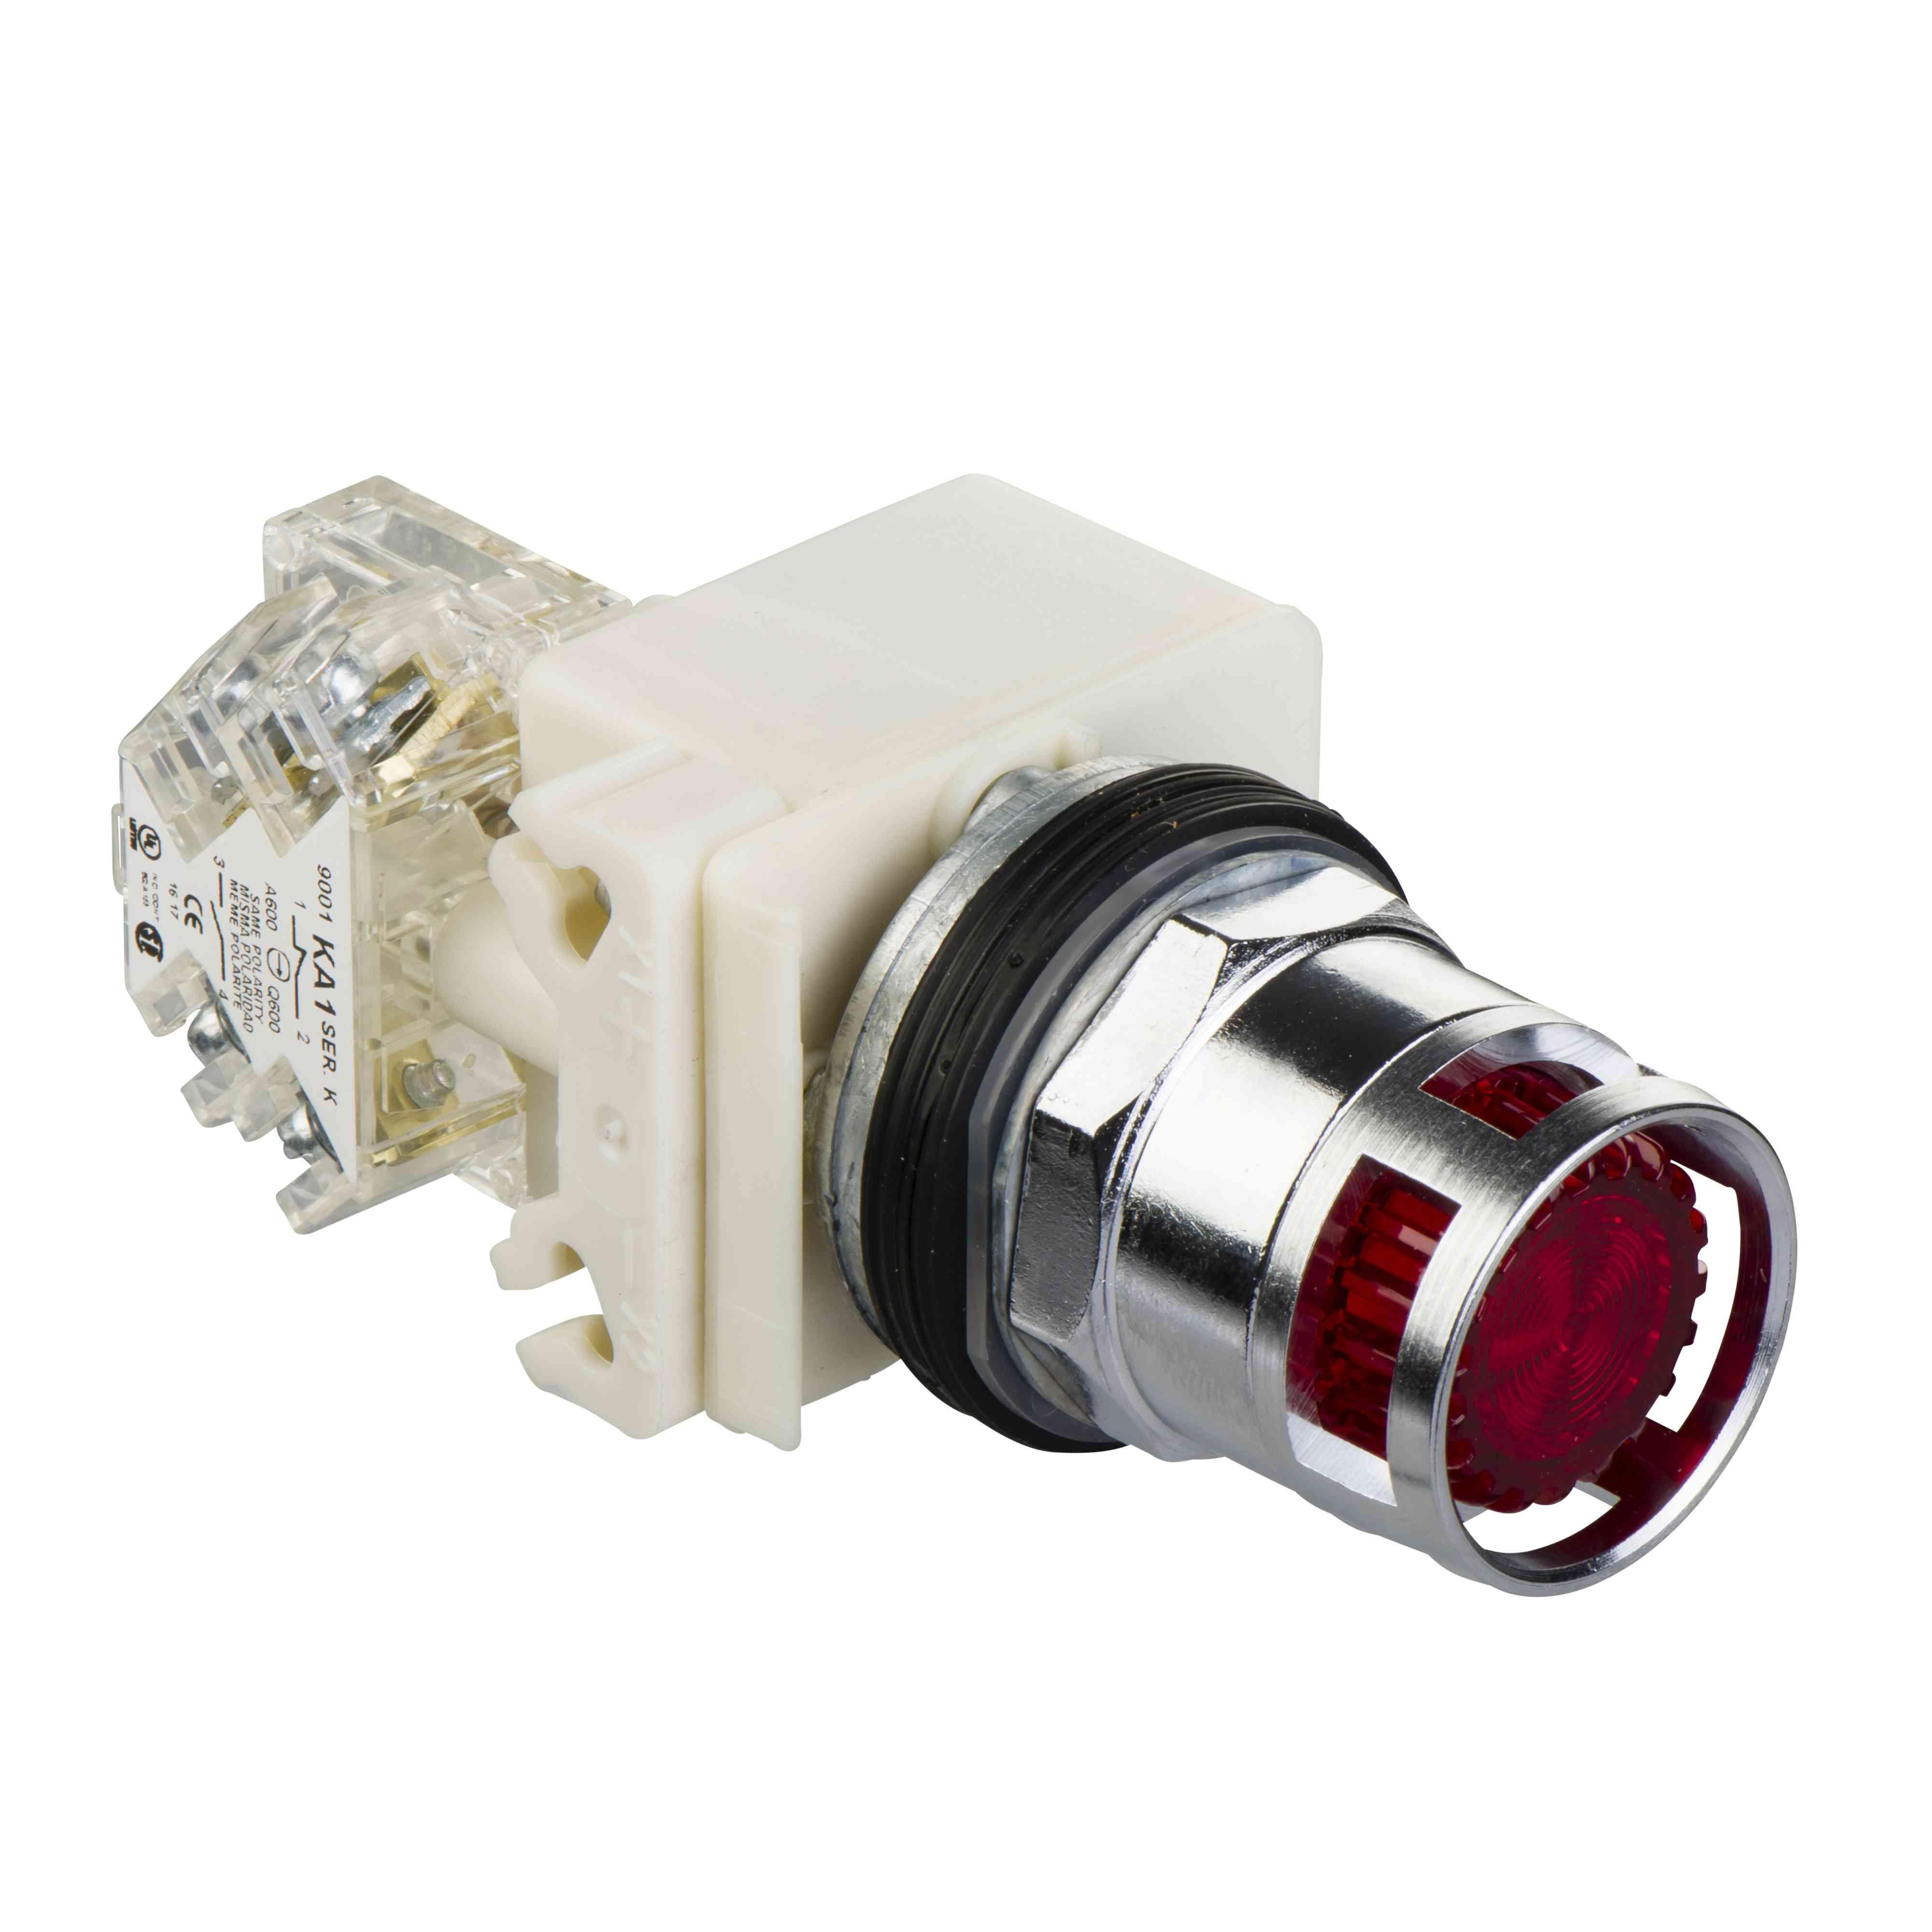 Rdeče osvetljena tipka ø 30 - podometna povratna vzmet - 230 V - 1 OC